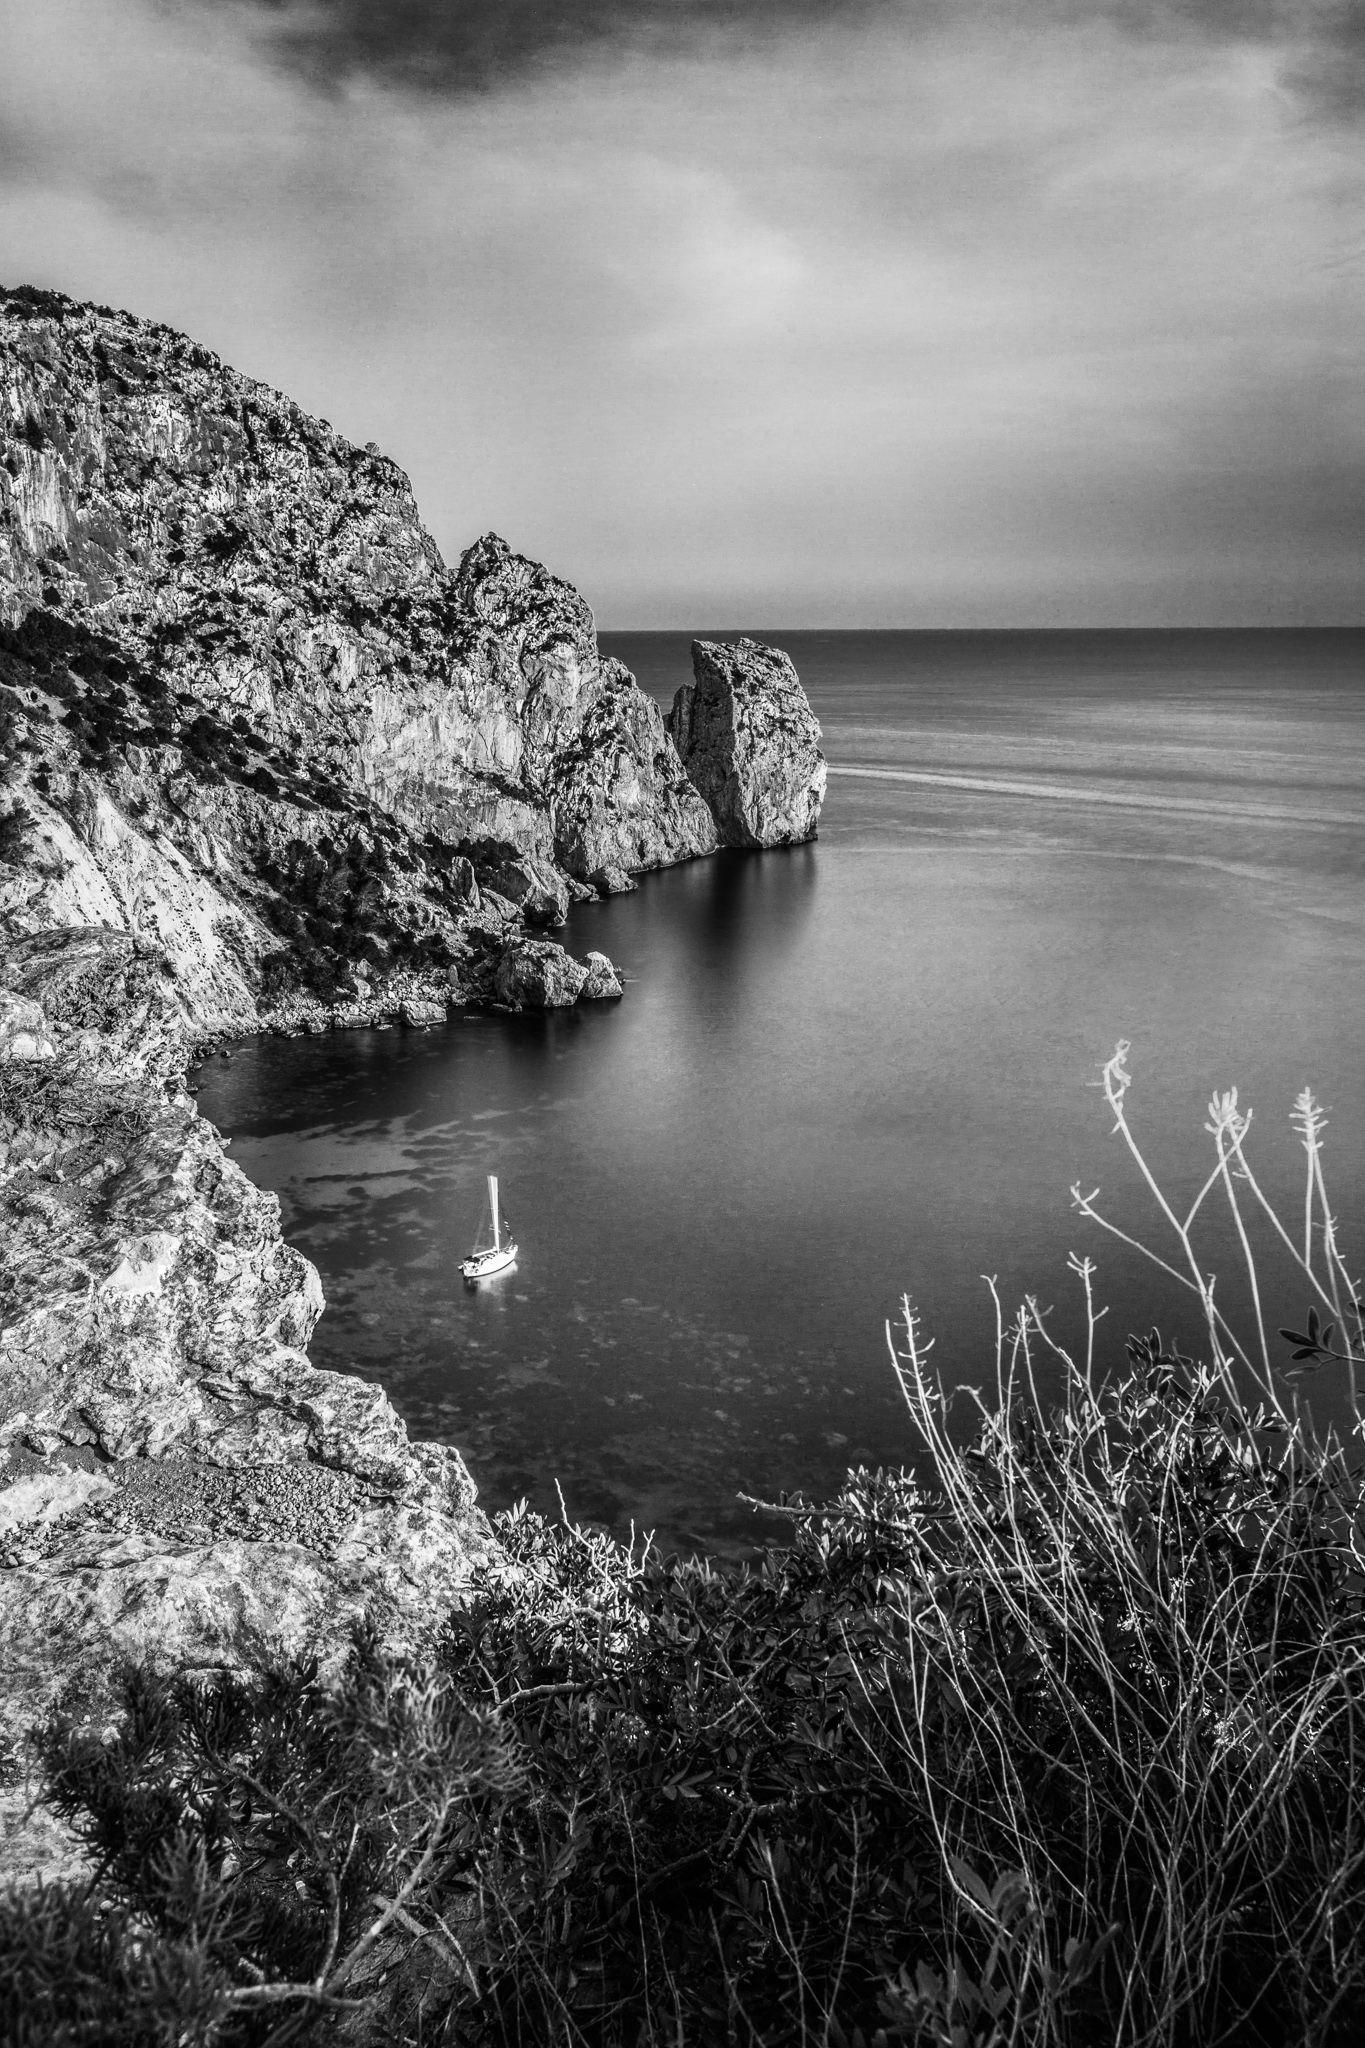 Fotografía de paisaje en blanco y negro en una cala frente al islote de Es Vedra en Ibiza